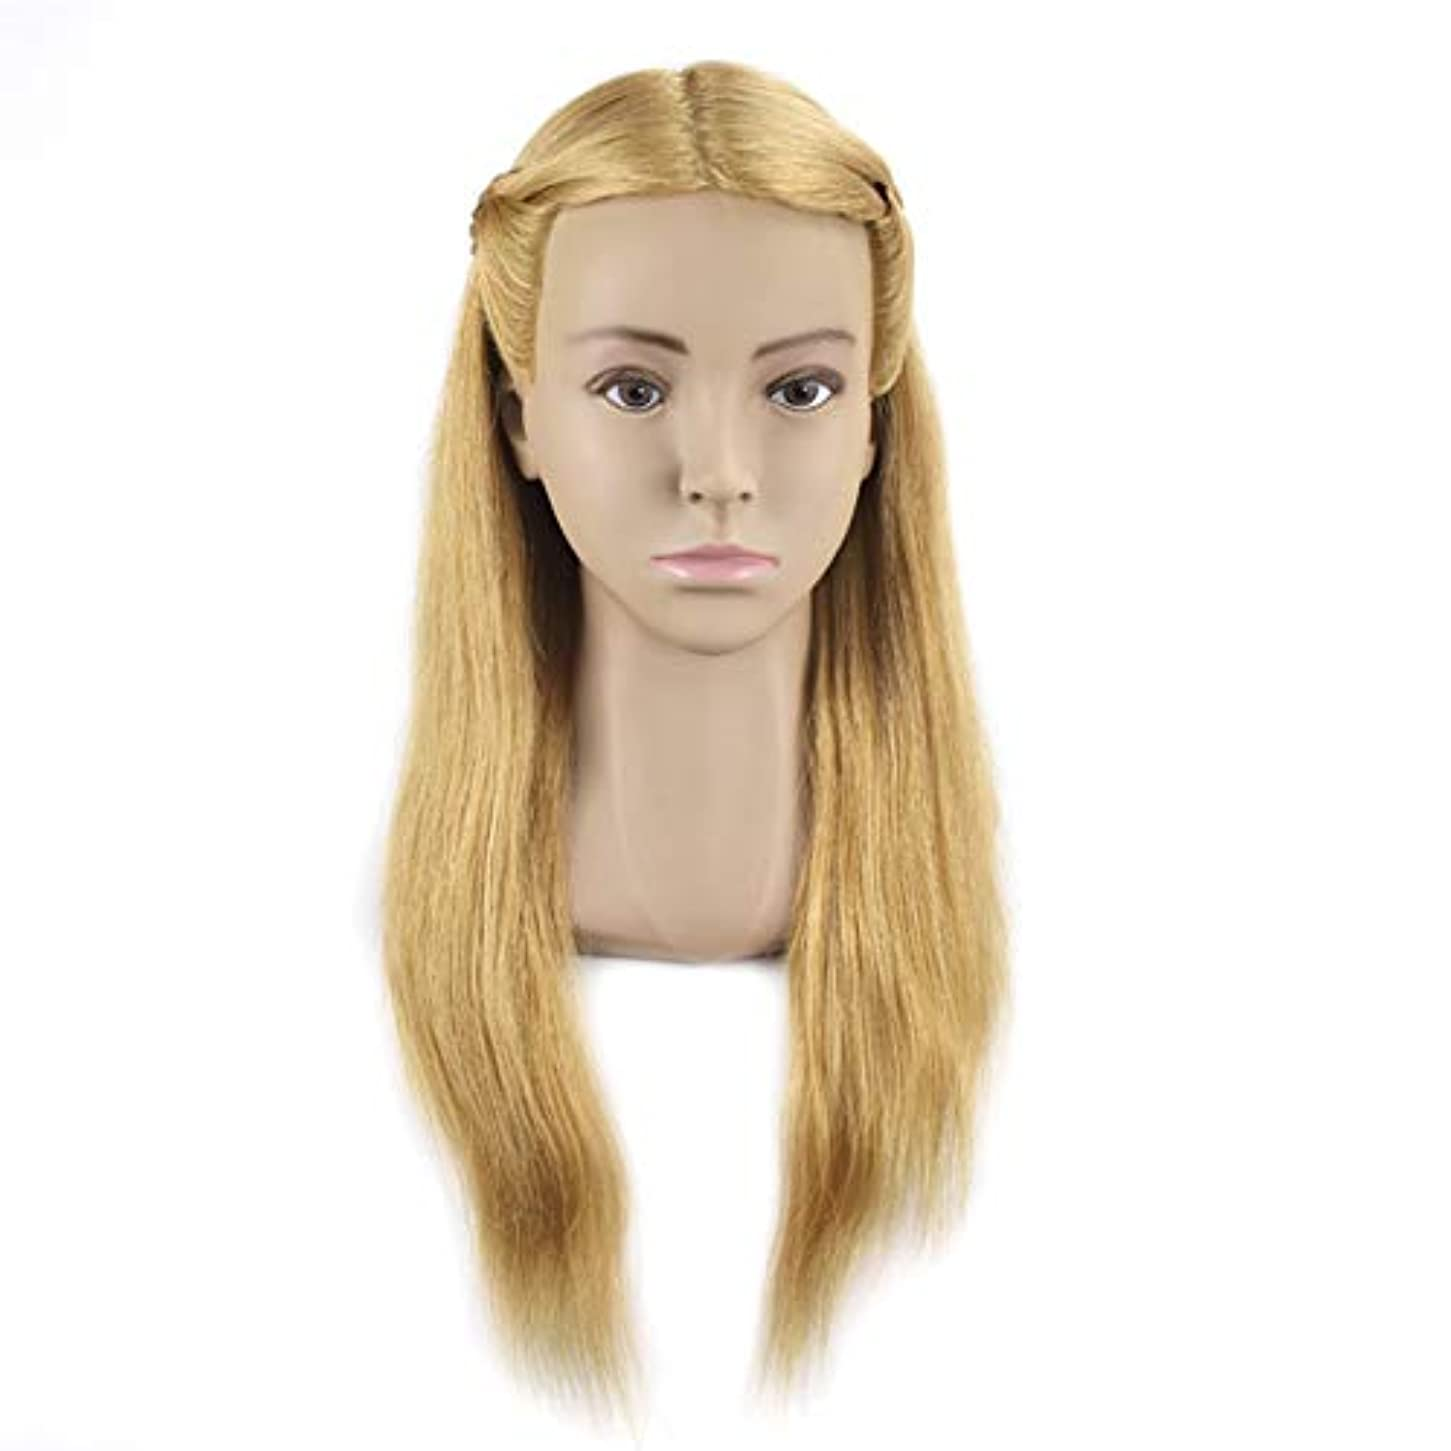 はねかけるずんぐりしたドキュメンタリー完全な人毛ヘアスタイリングモデルヘッド女性モデルヘッドティーチングヘッド理髪店編組髪染め学習ダミーヘッド